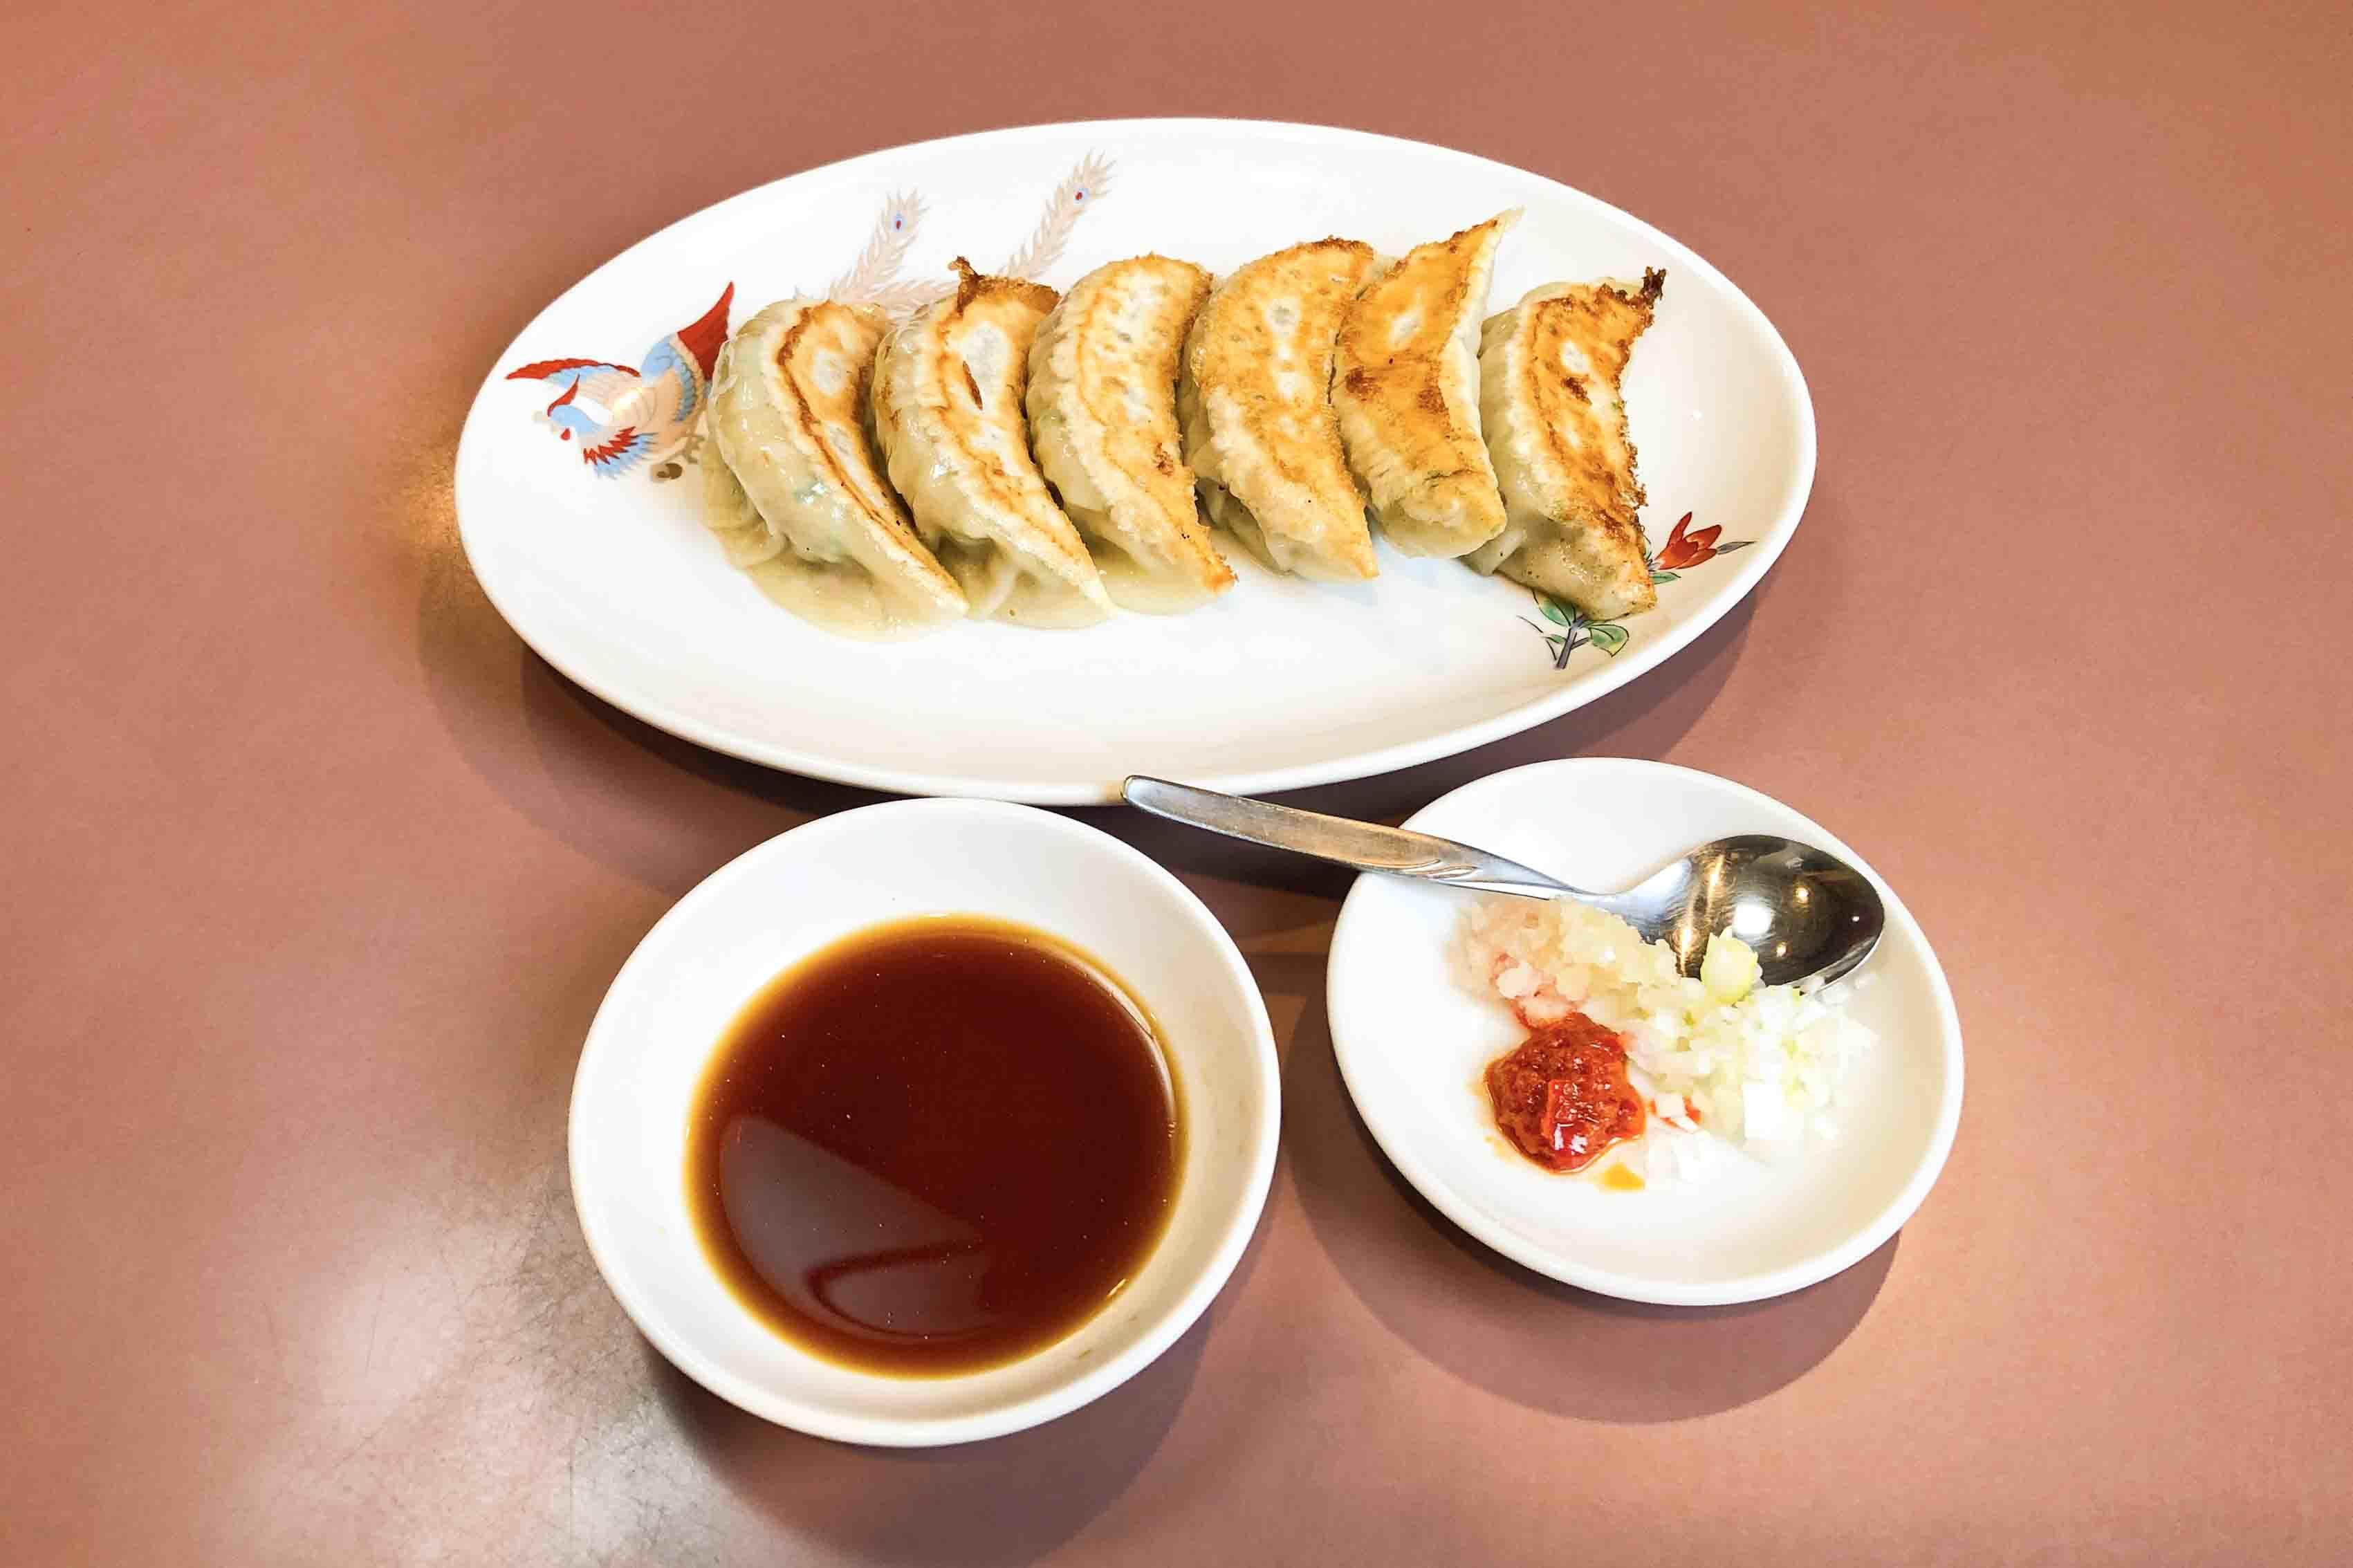 讃岐餃子と薬膳スープと伊達巻_e0386141_15420363.jpg